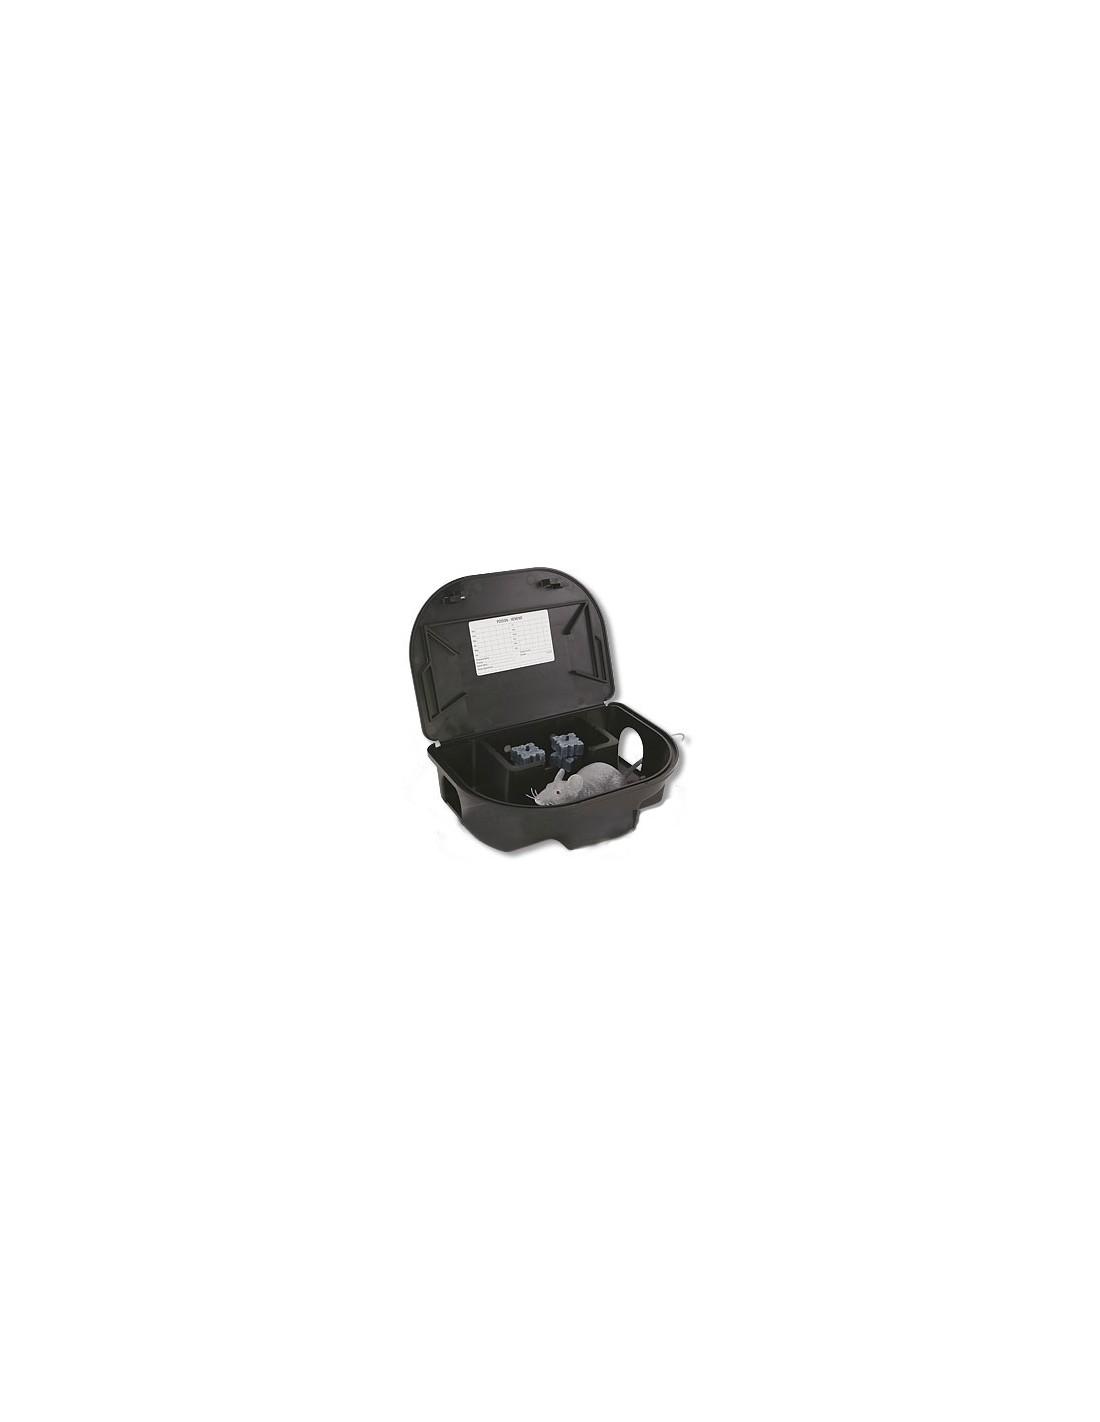 Which liquid rodent bait dispenser works with (EZKLEAN) bait station?